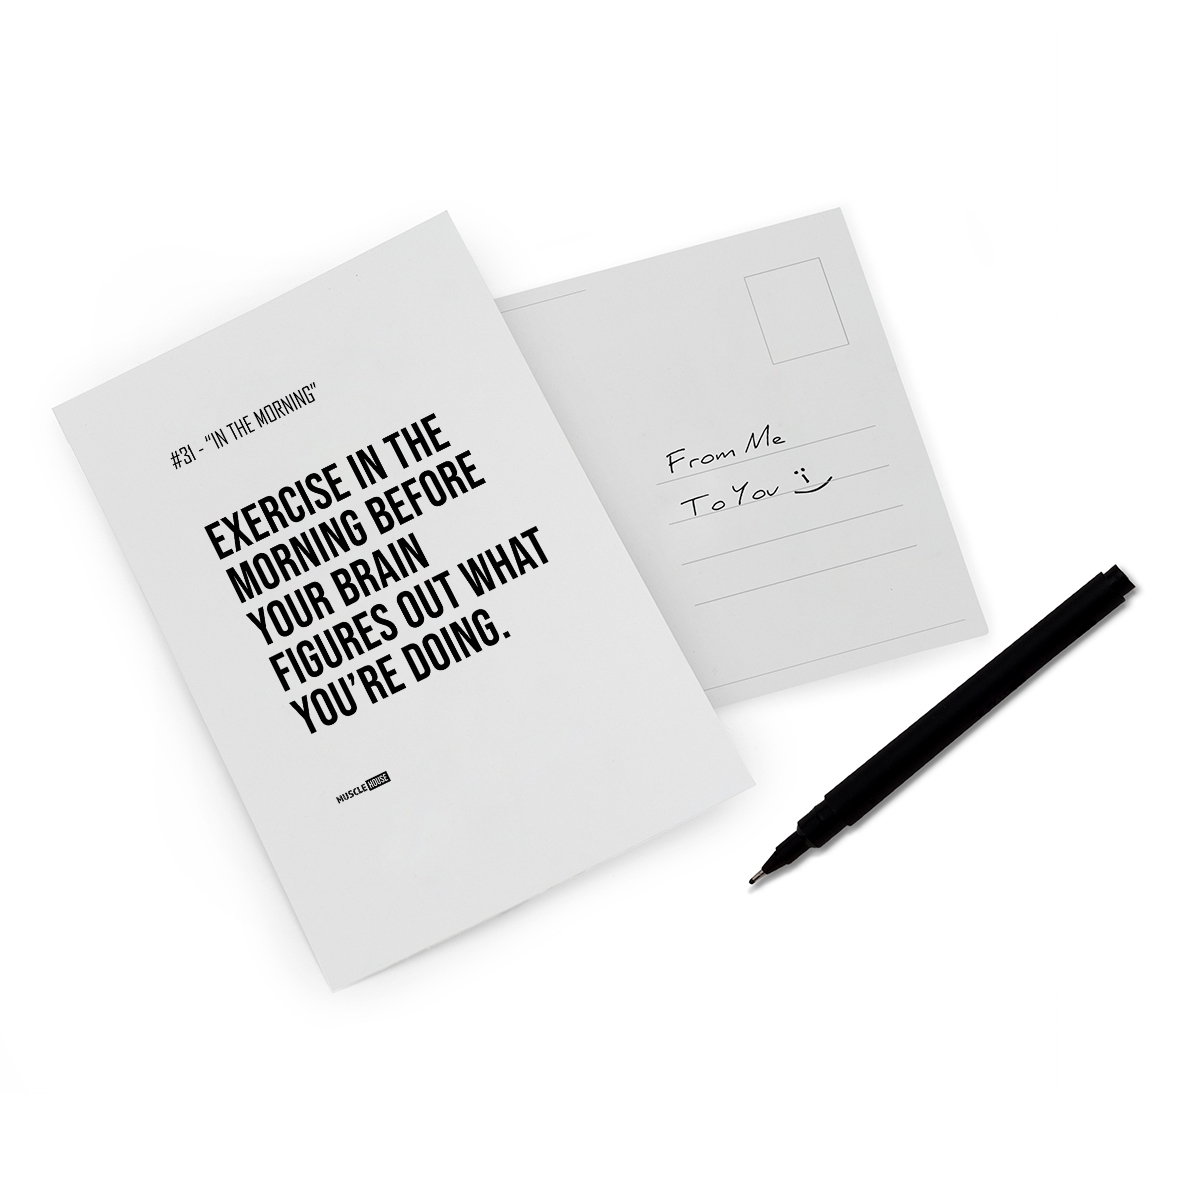 postkort_motiverende_citater_motion_træning_morgen